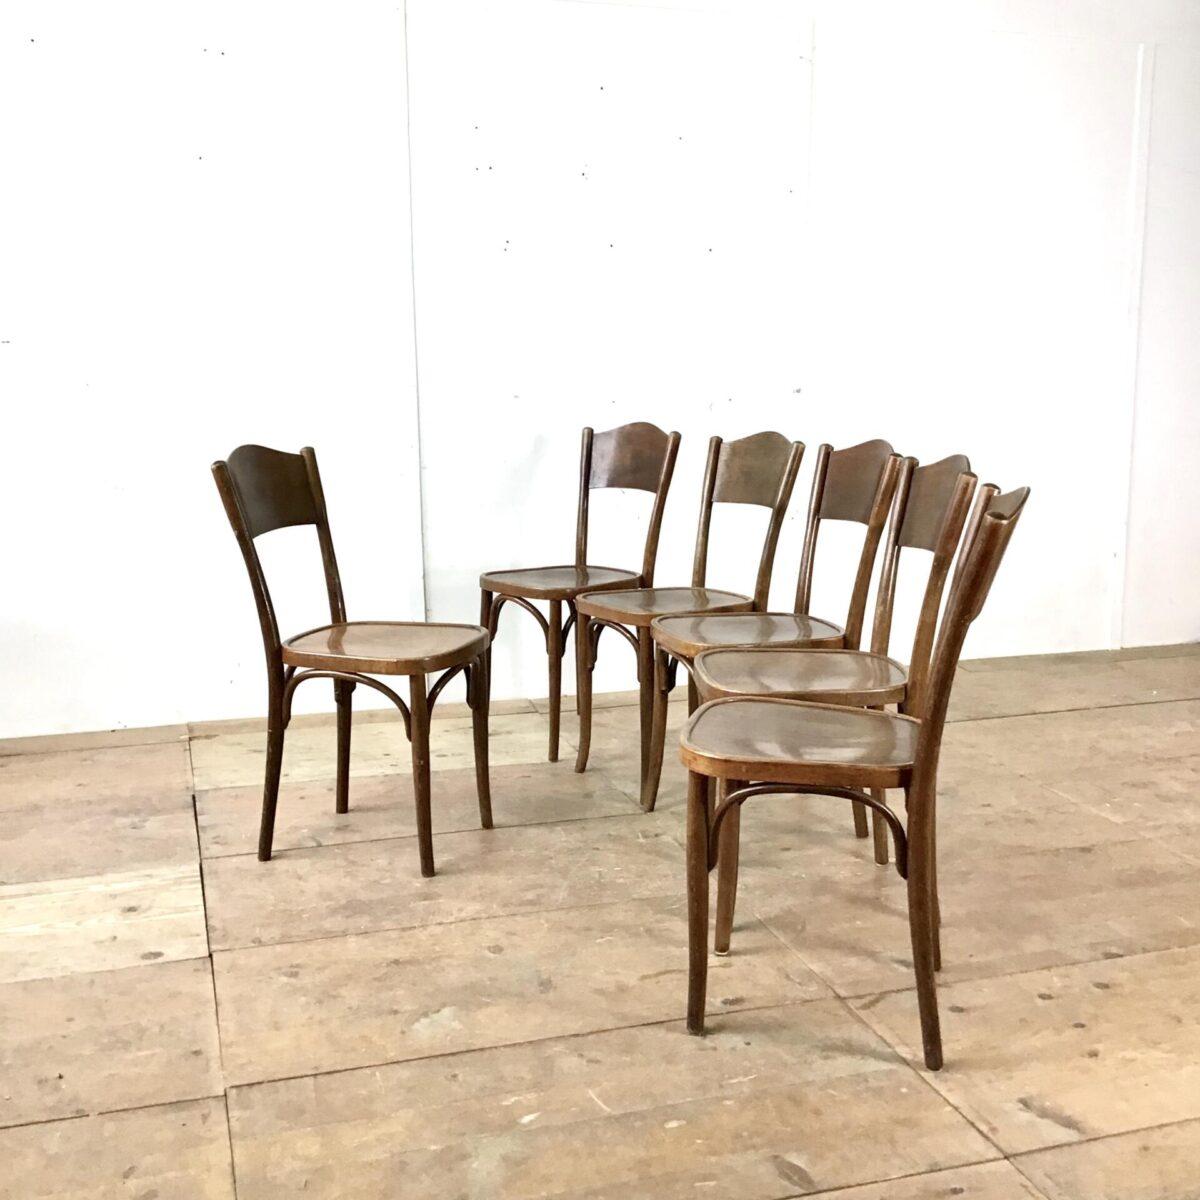 6 er Set Esszimmer Stühle von horgenglarus. Buchenholz Kastanien braun gebeizt, regelmässige alterspatina. Mechanisch in gutem stabilen Zustand.